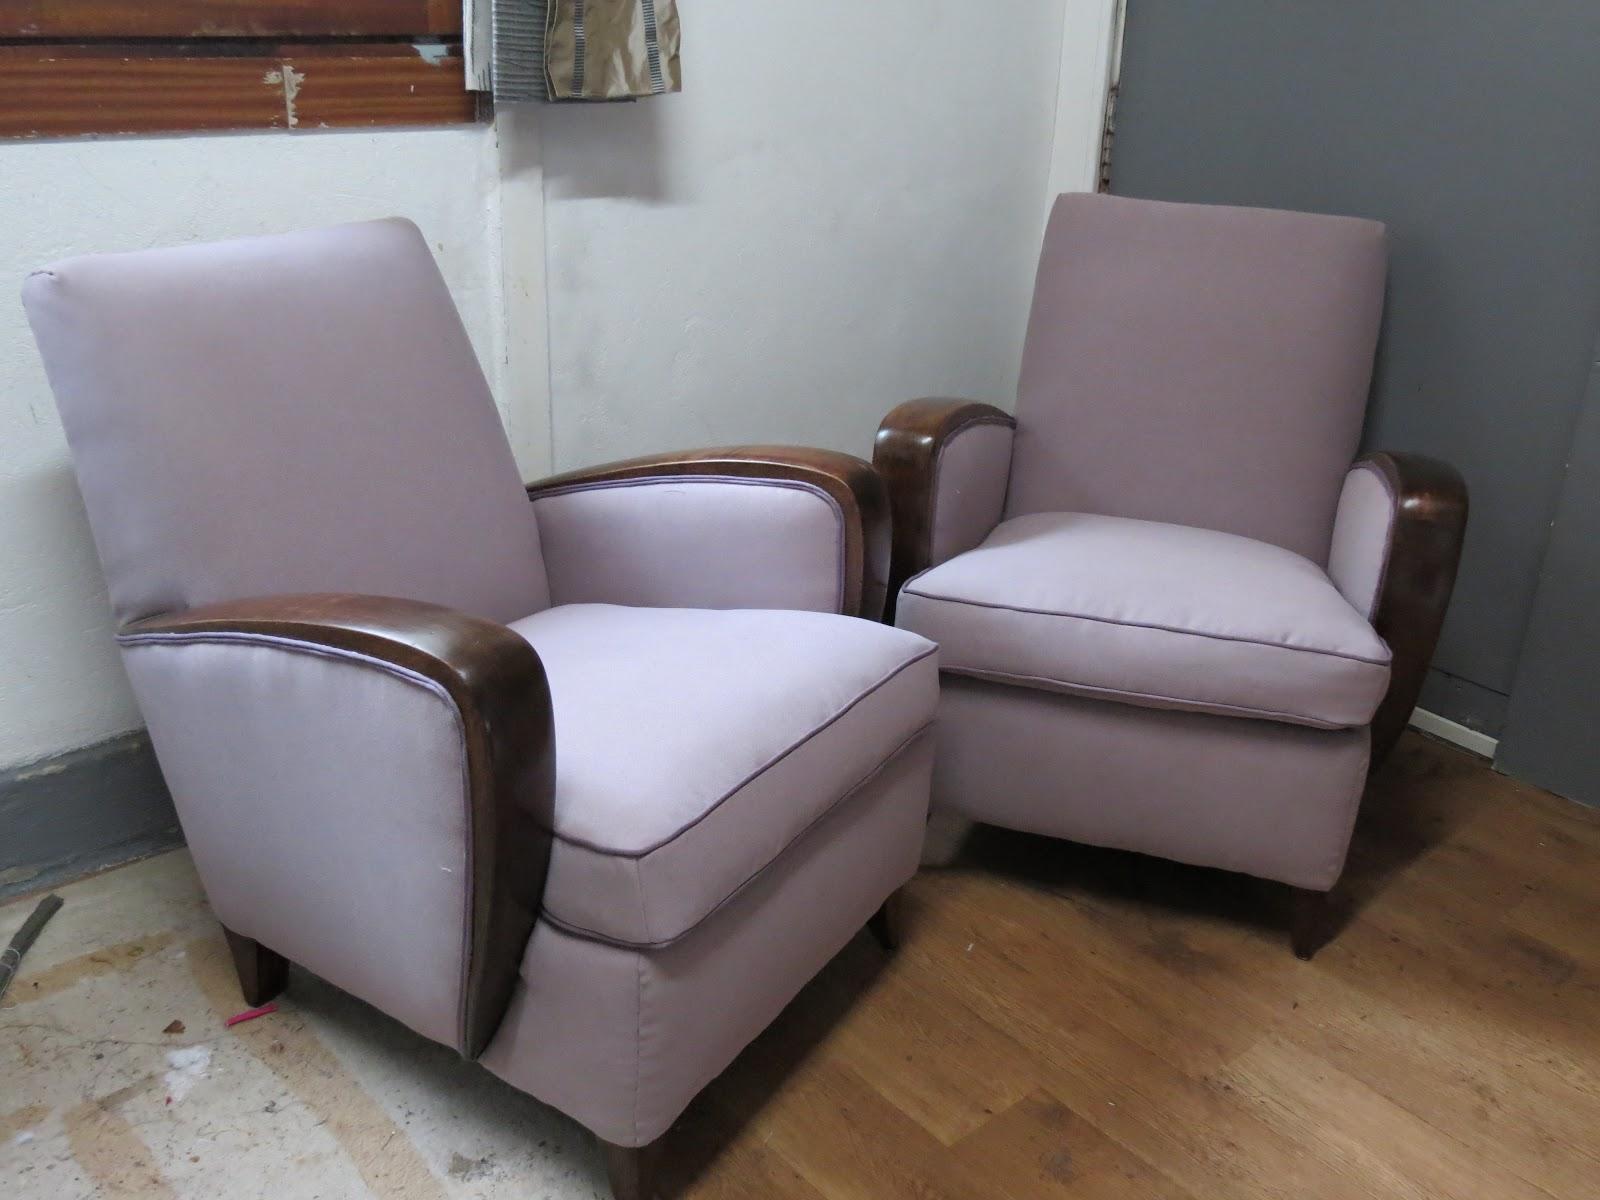 un fauteuil dans la cour fauteuils ann es 30. Black Bedroom Furniture Sets. Home Design Ideas